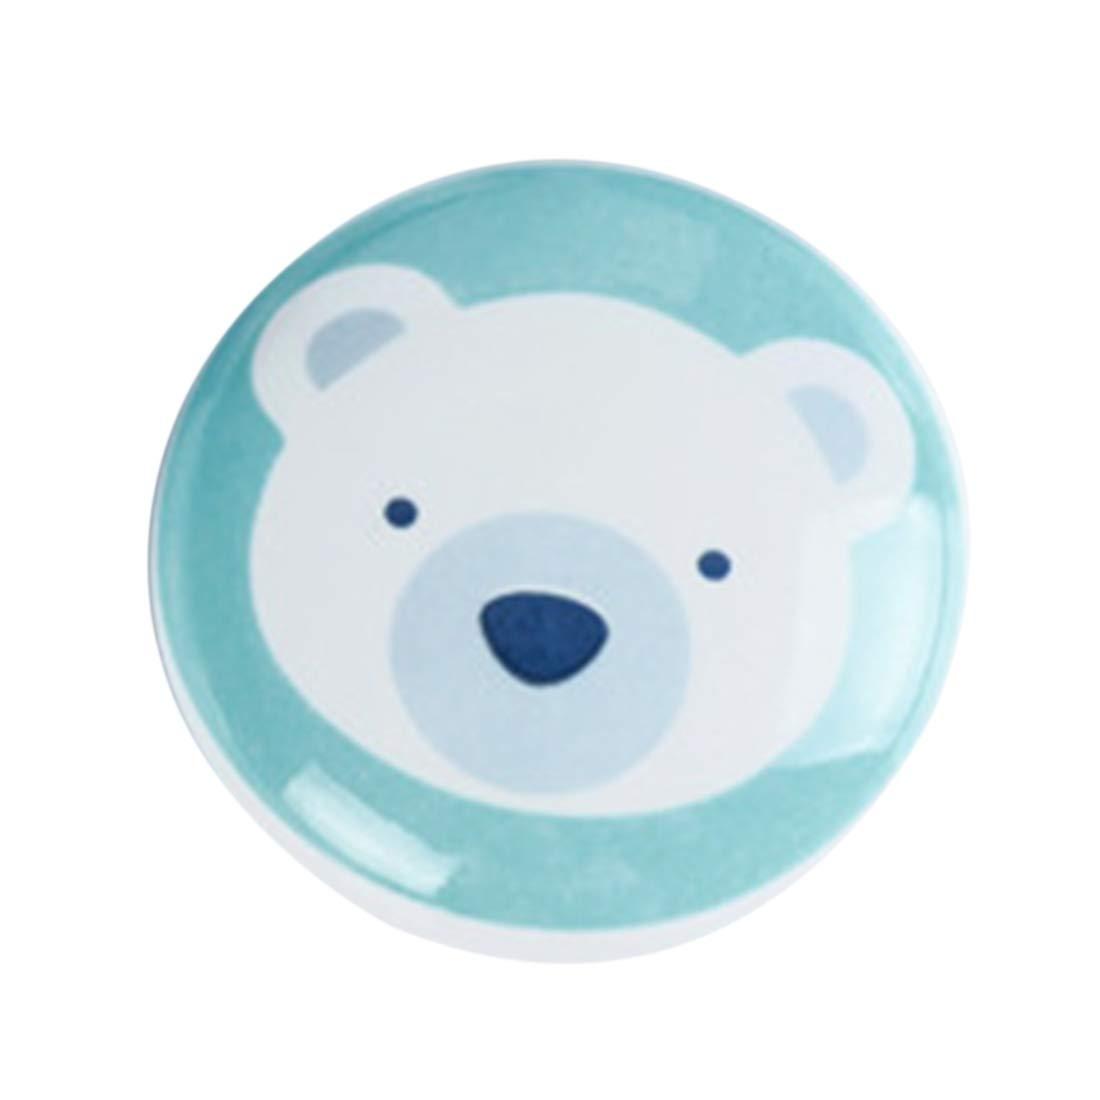 Yavso Pomos y Tiradores Infantiles 6 Piezas Pomos Ceramica Tiradores de Muebles para Habitaci/ón Infantil